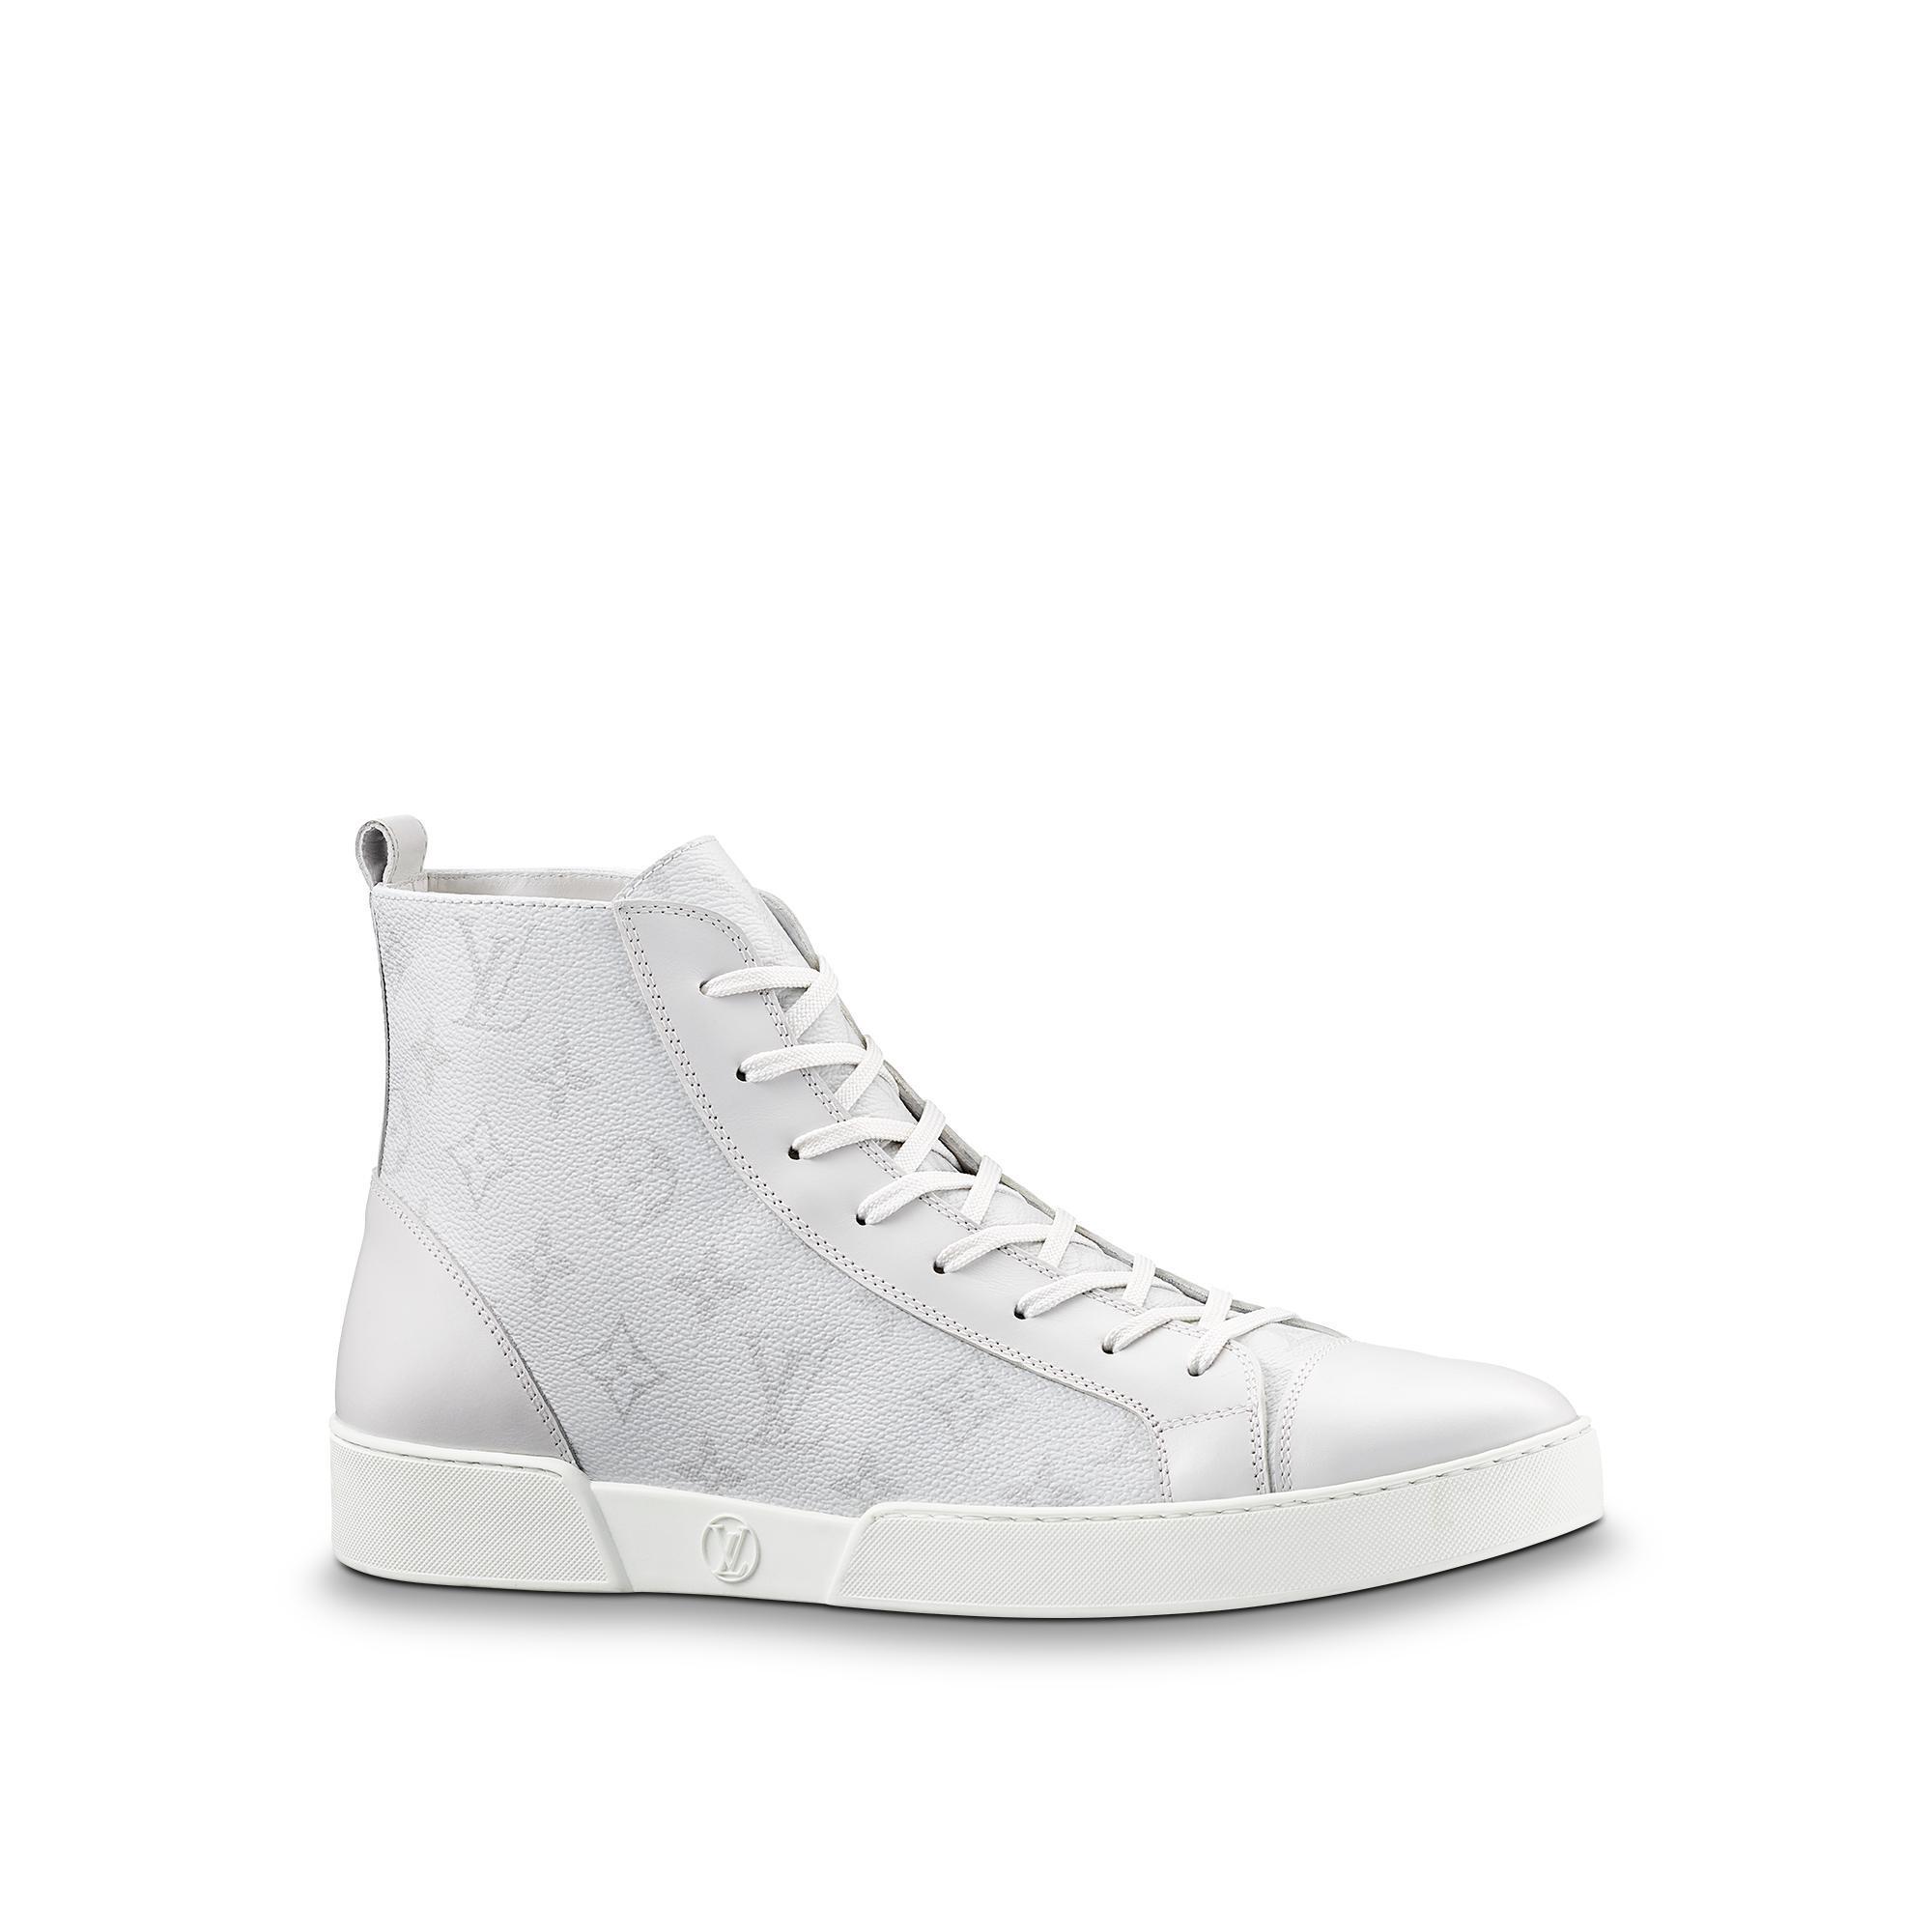 5fc1f9c35f3a Louis Vuitton Match-Up Sneaker Boot